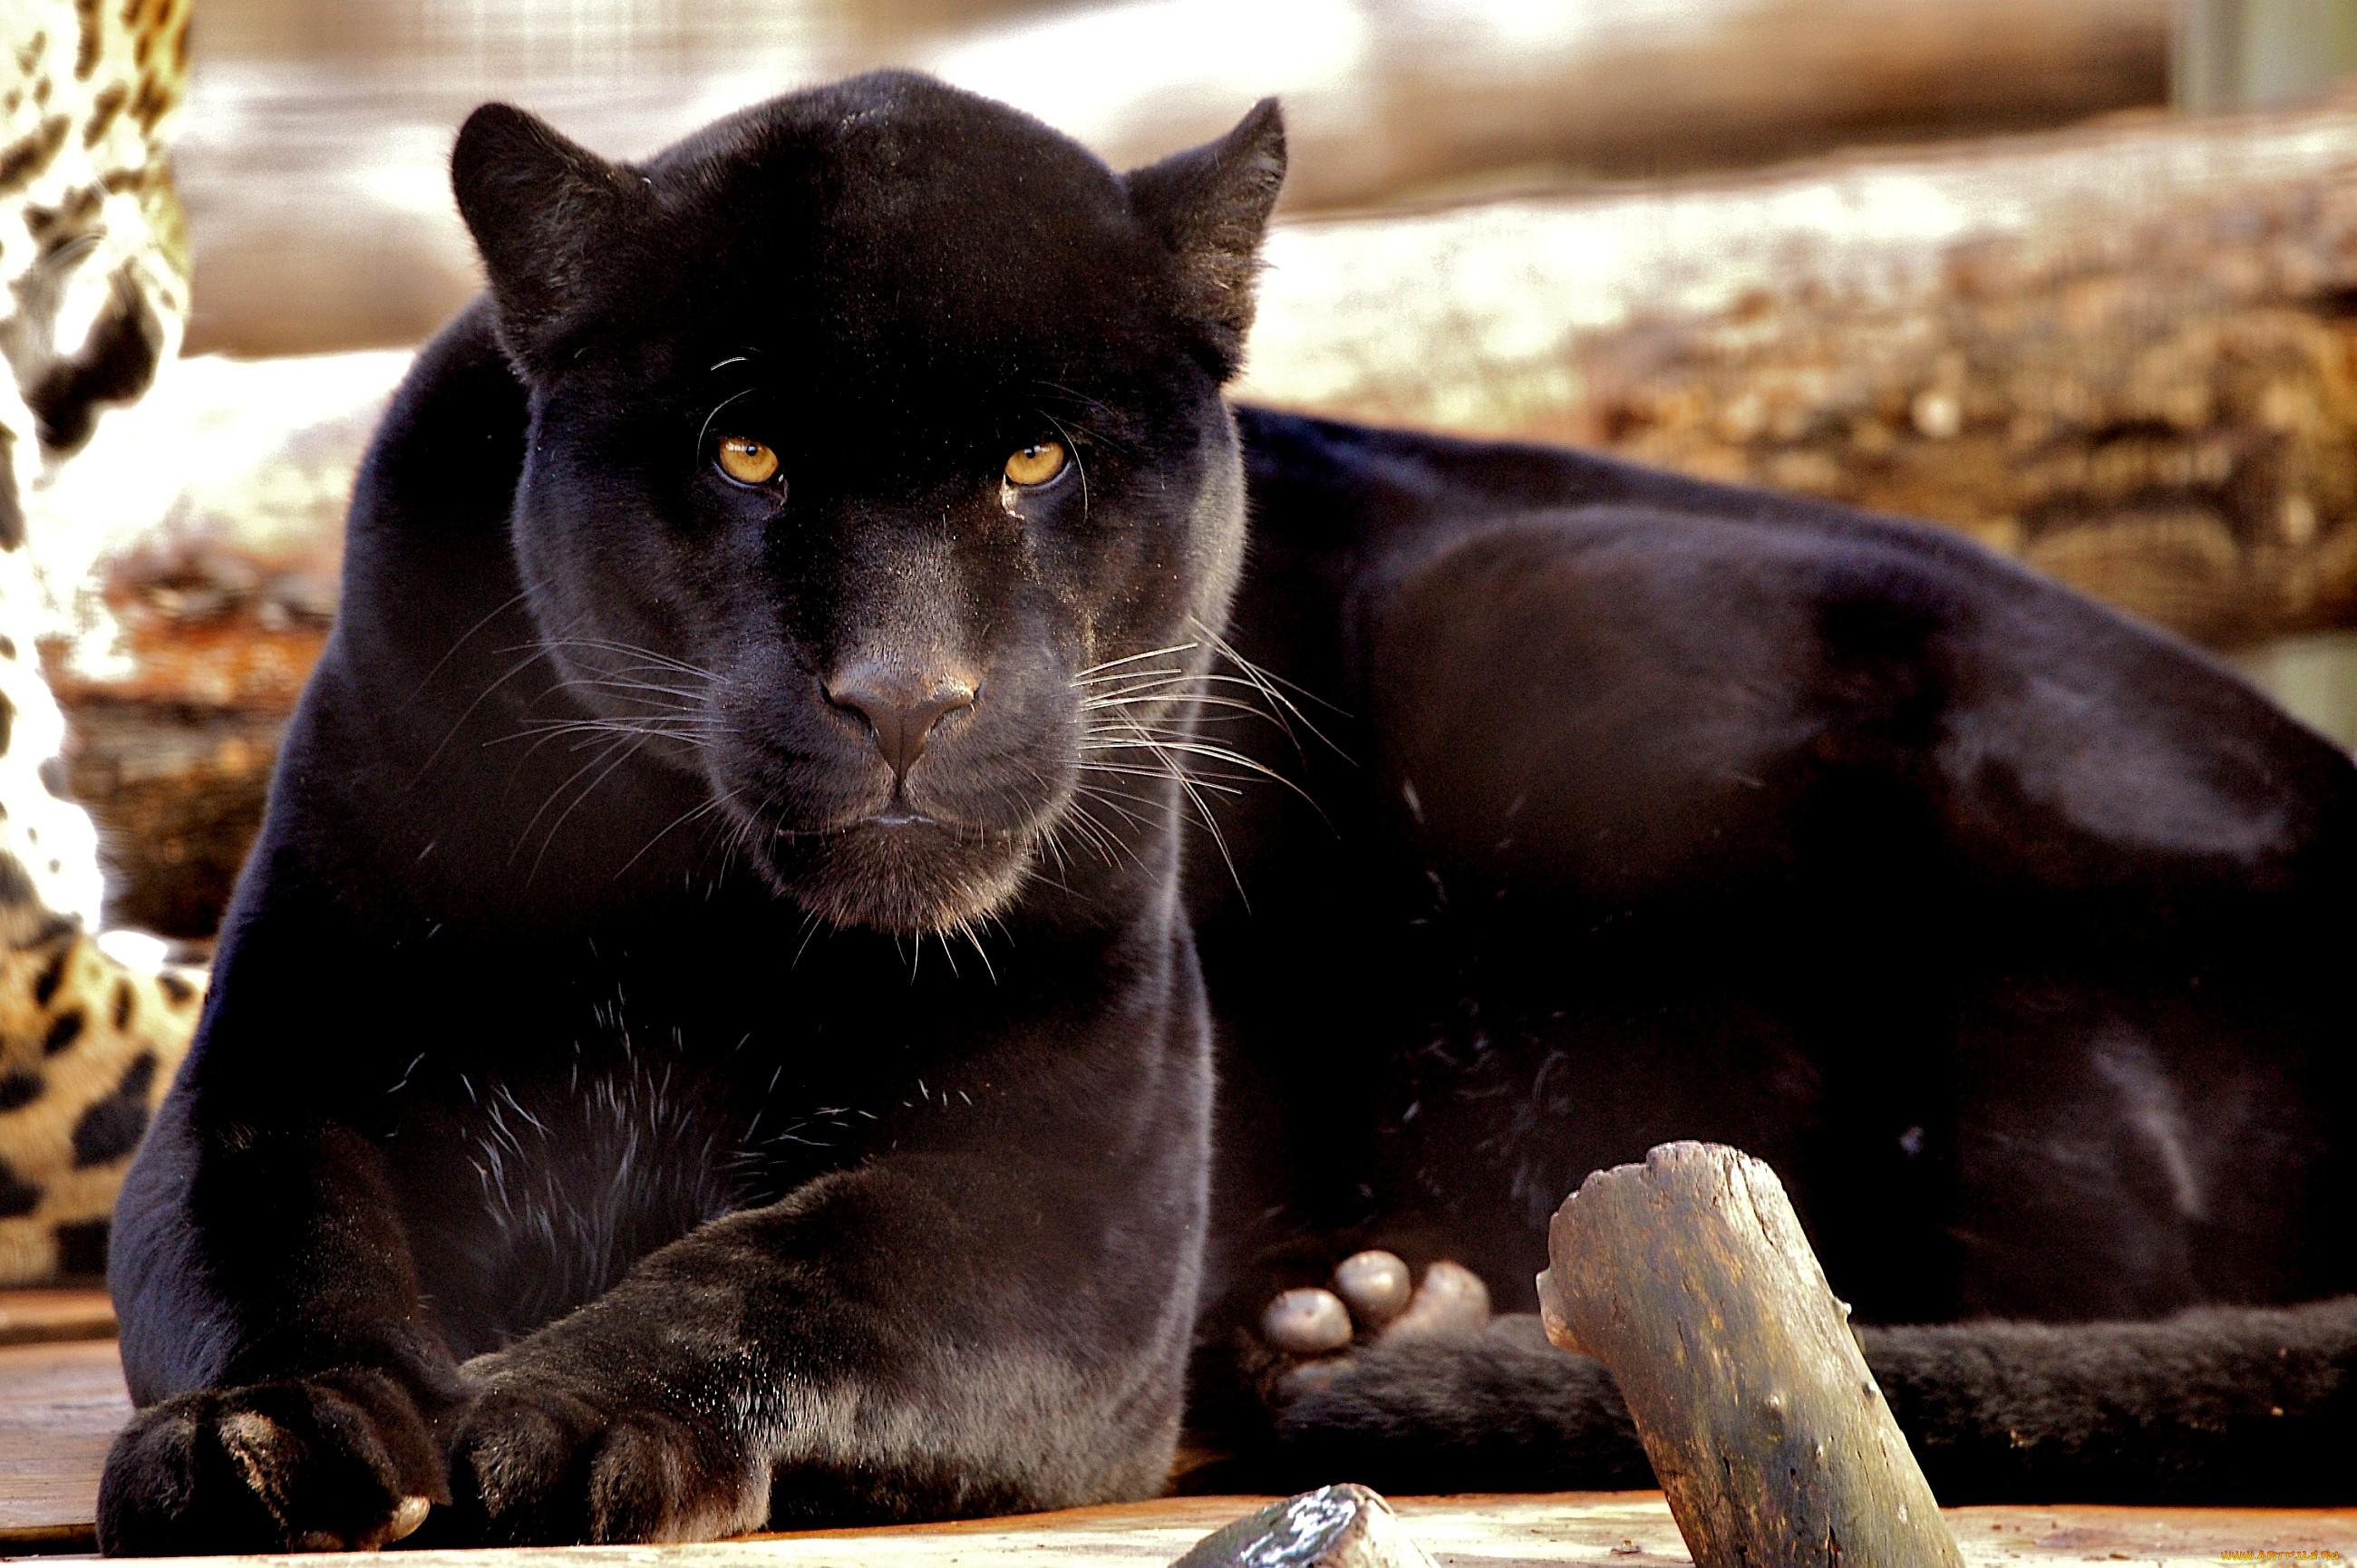 Black jaguar animal wallpaper hd